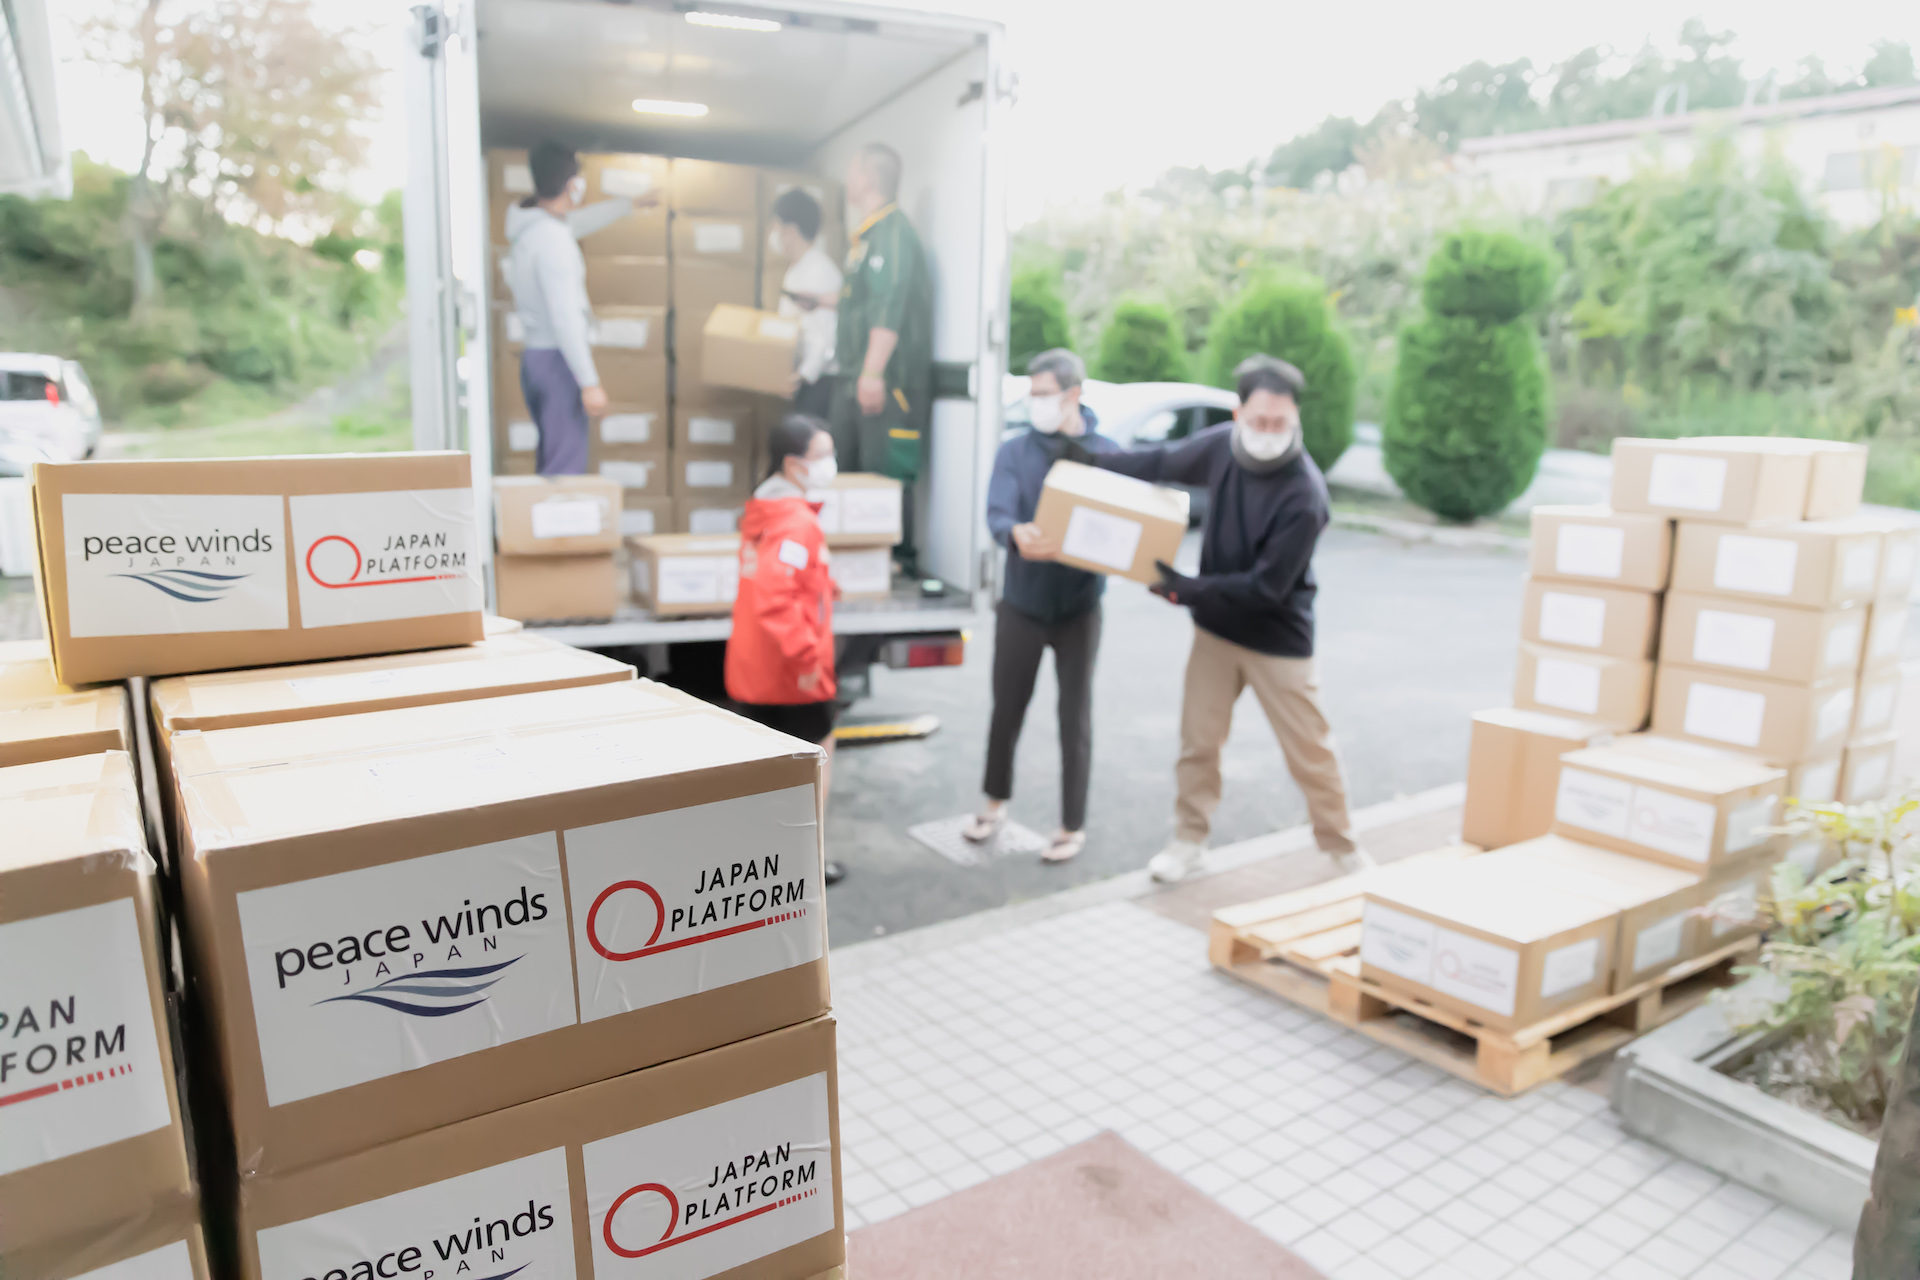 【福祉施設対象】新型コロナ陽性者対応を行う施設に物資を提供します ※要申込※